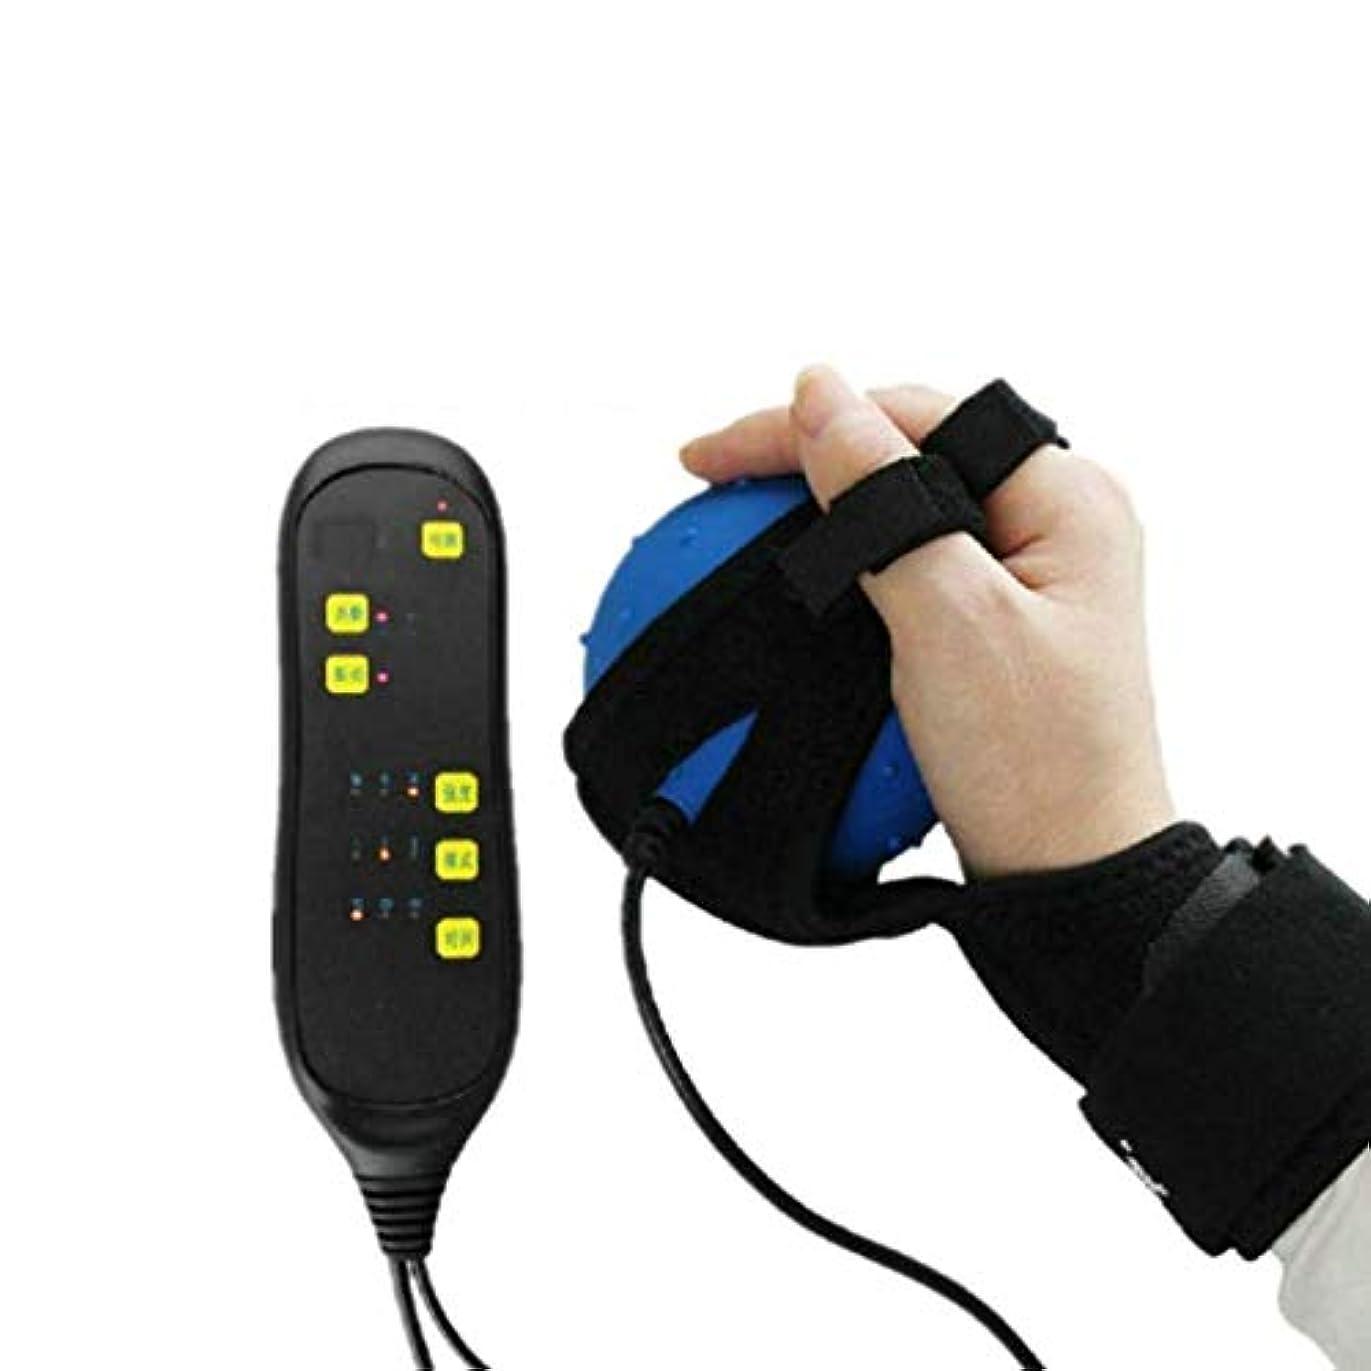 繊毛麻痺させるハウジングフィンガーグリップパワートレーニングボールスプリントフィンガーリハビリテーション装具フィットネス機器エクササイズグリップボールブレースサポート